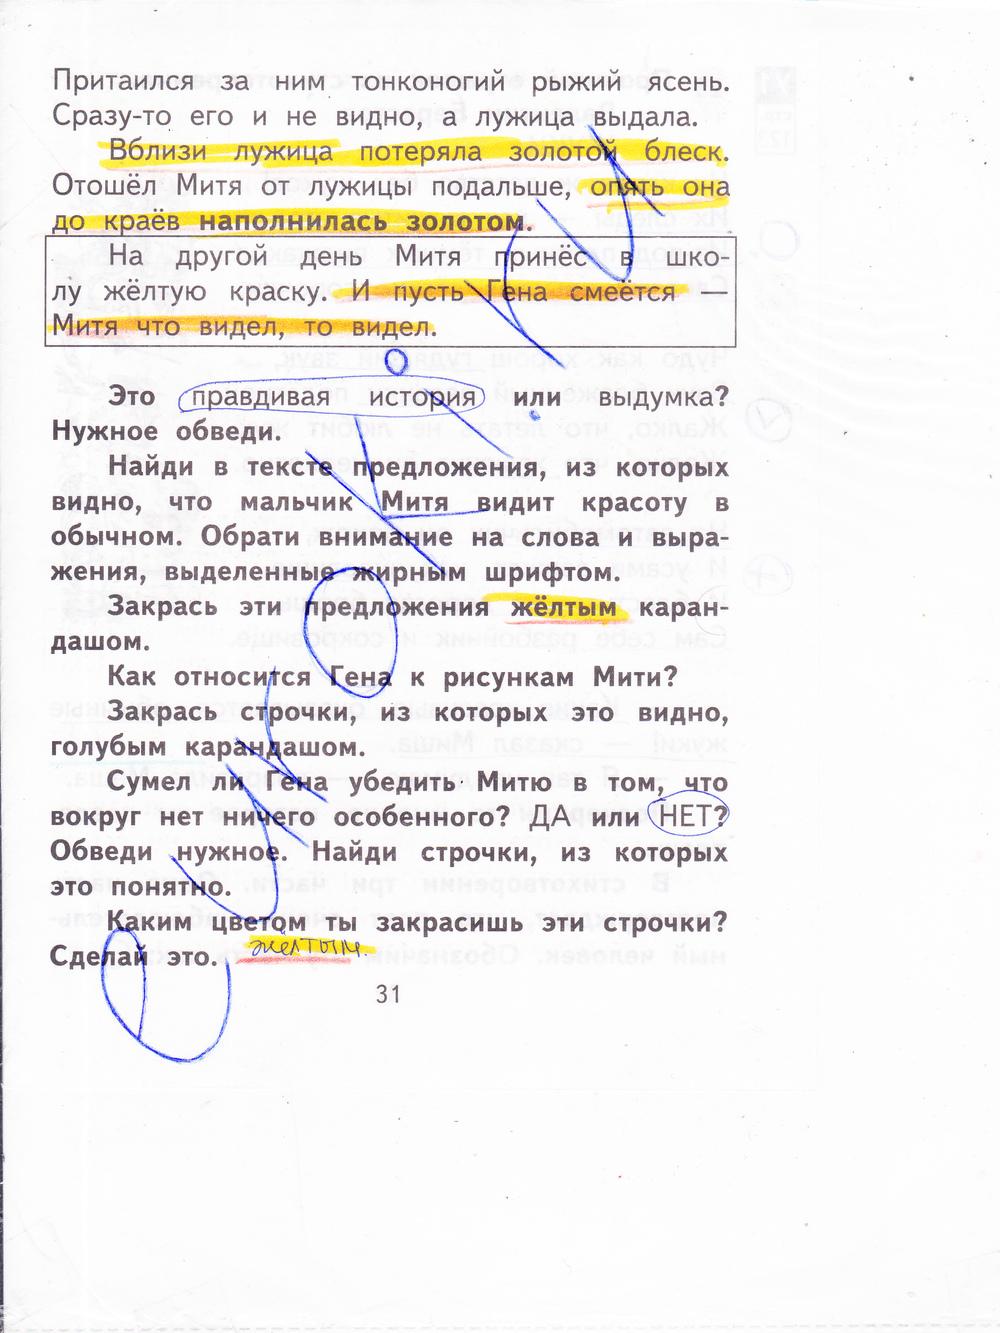 ГДЗ по литературному чтению 2 класс рабочая тетрадь Малаховская Часть 1, 2. Задание: стр. 31